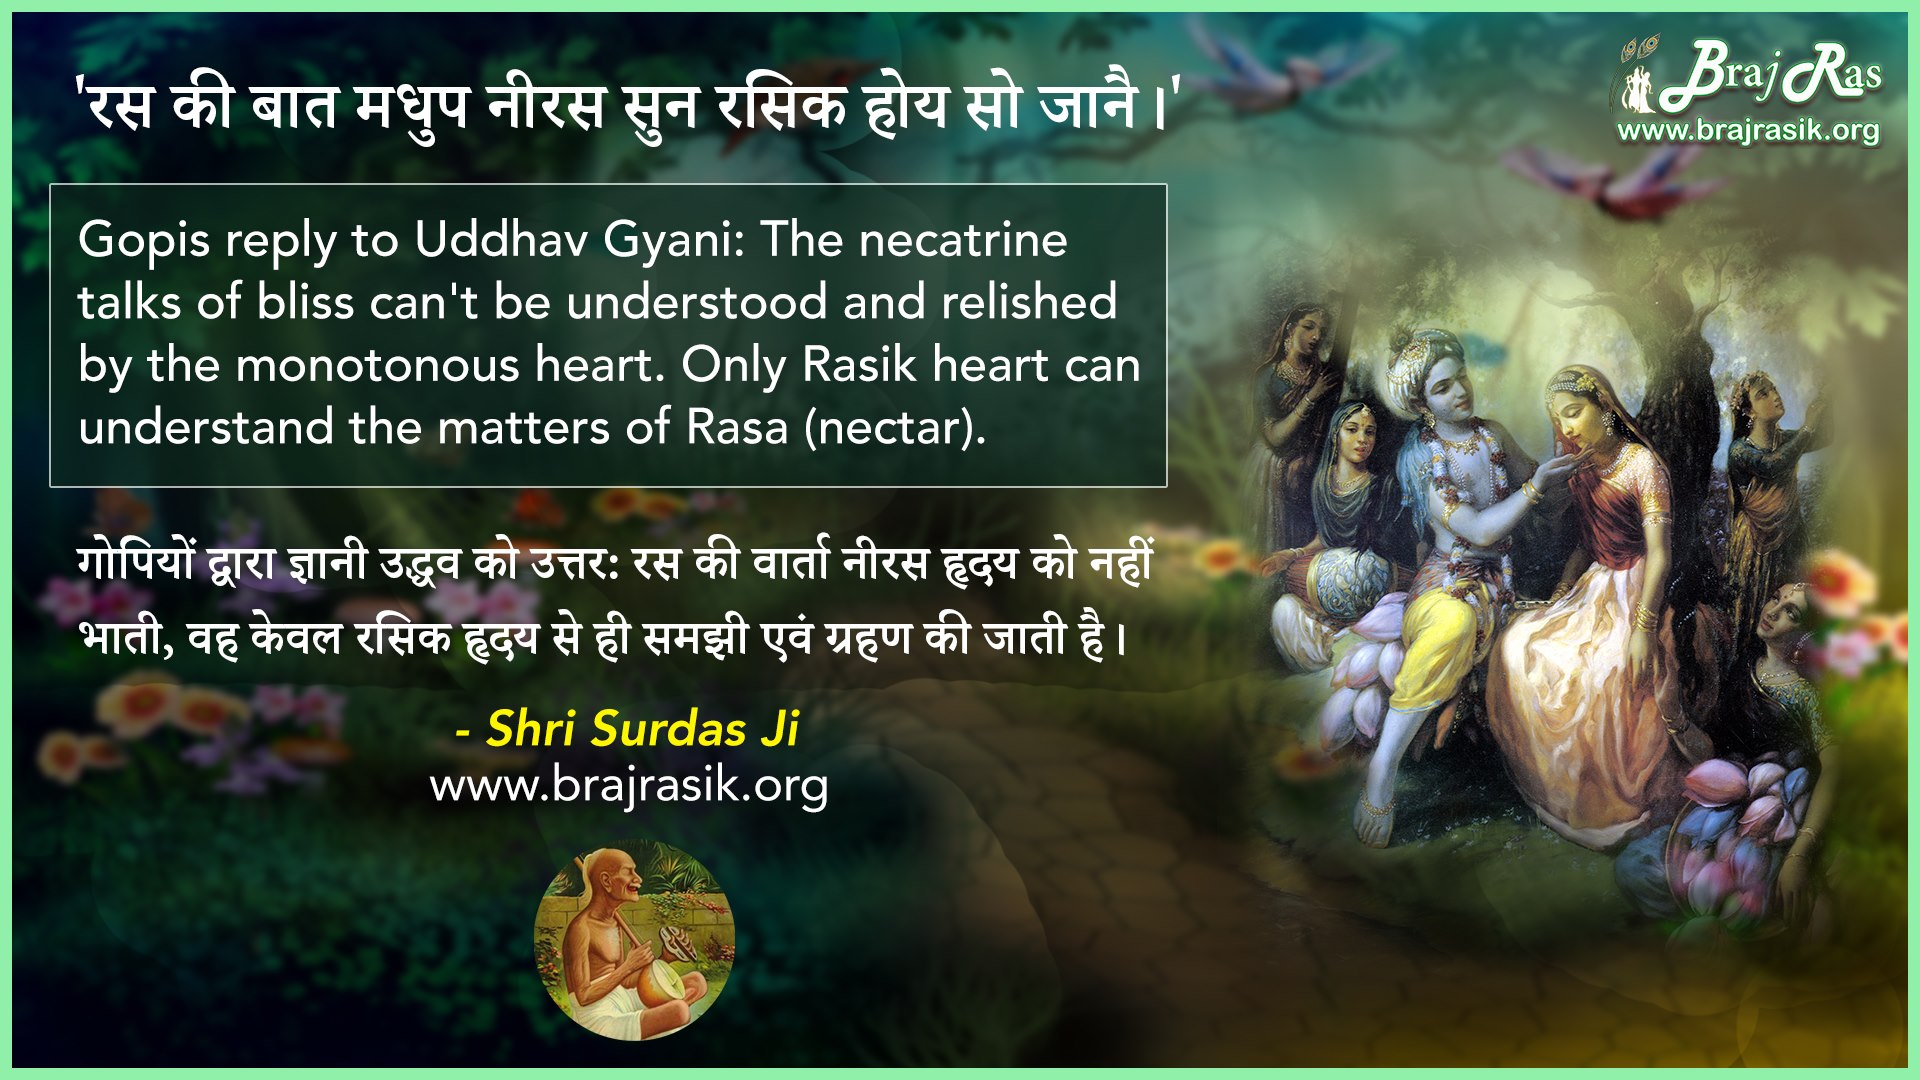 Ras Ki Baat Madhup Niras Sun Rasik Hoy So Jaanai - Shri Surdas Ji